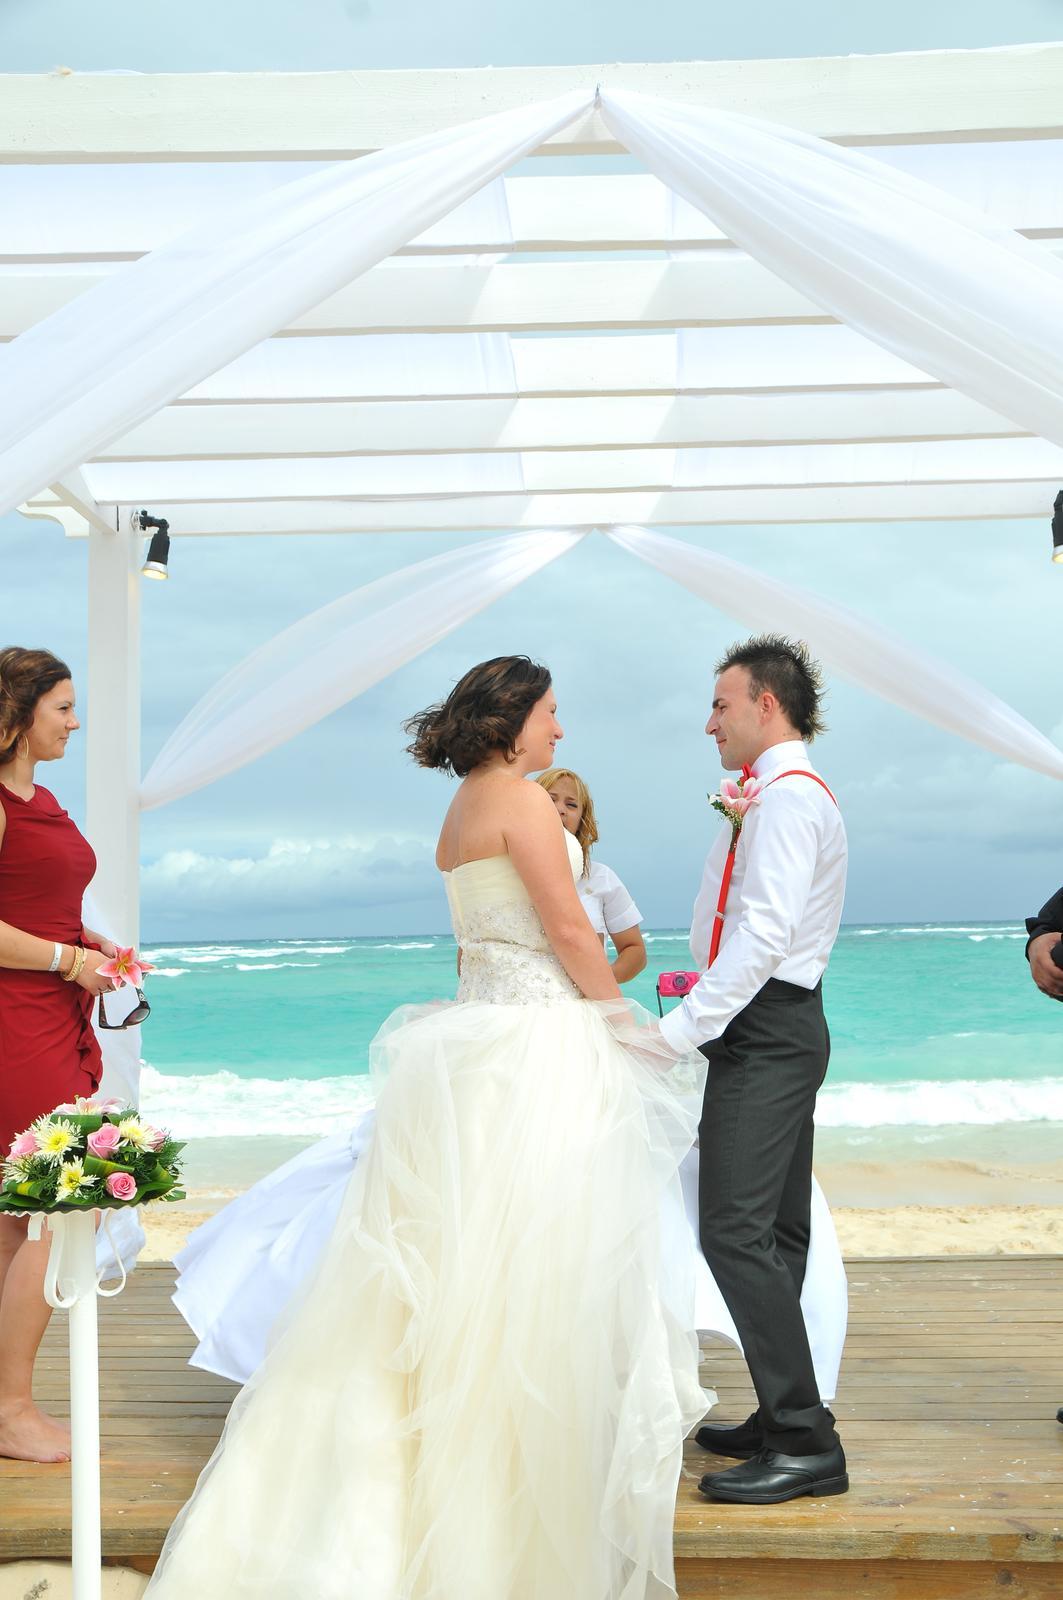 T.{{_AND_}}J. - pred svadbou som sa ho pytala budes plakat ked ma uvidis vo svadobnych satach? a on, ze budem sa usmievat. obaja sme plakali :)